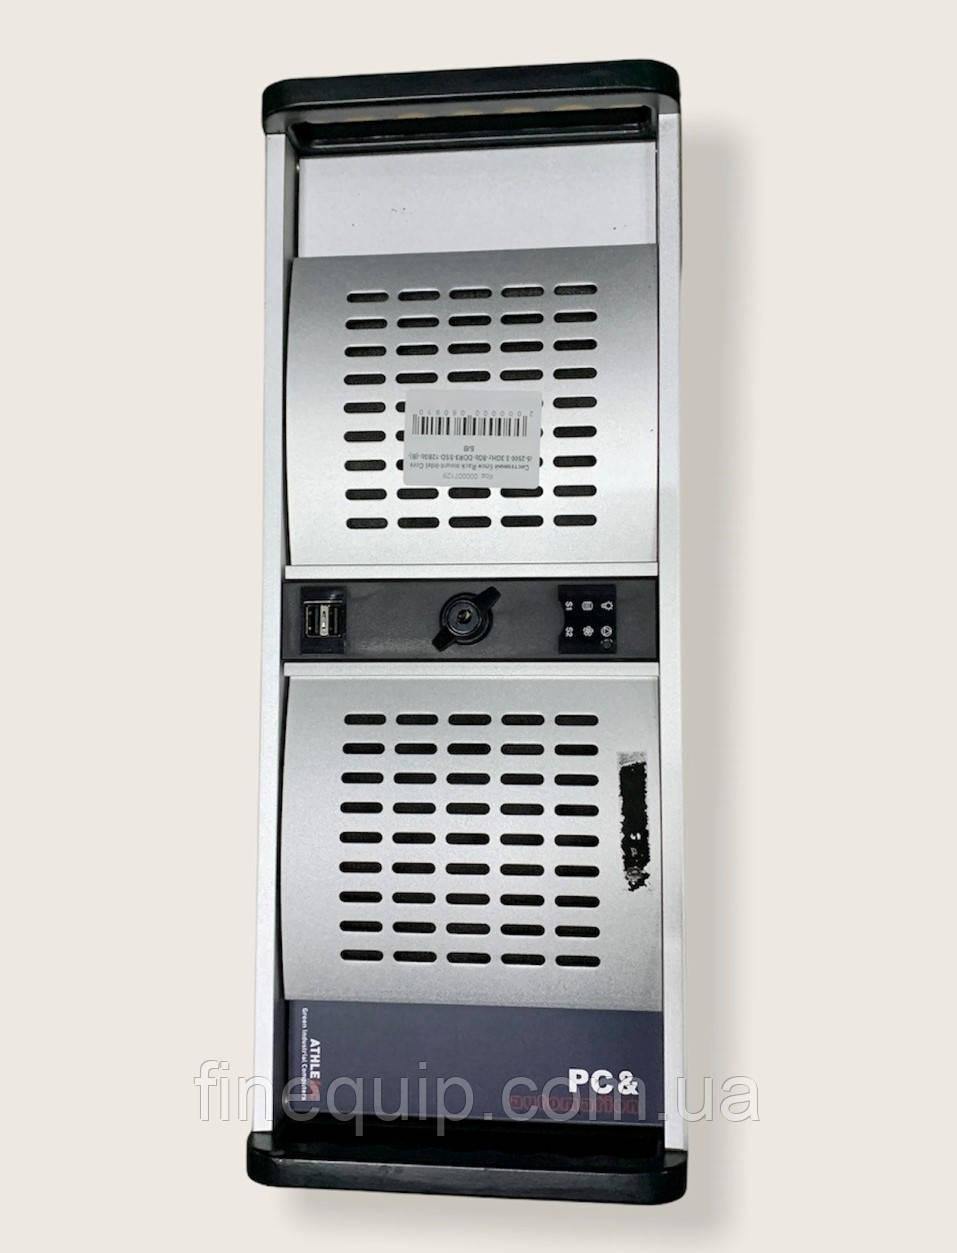 Системний блок-Rack mount-Intel Core i5-2500-3.3GHz-8Gb-DDR3-SSD-128Gb-(B)- Б/В